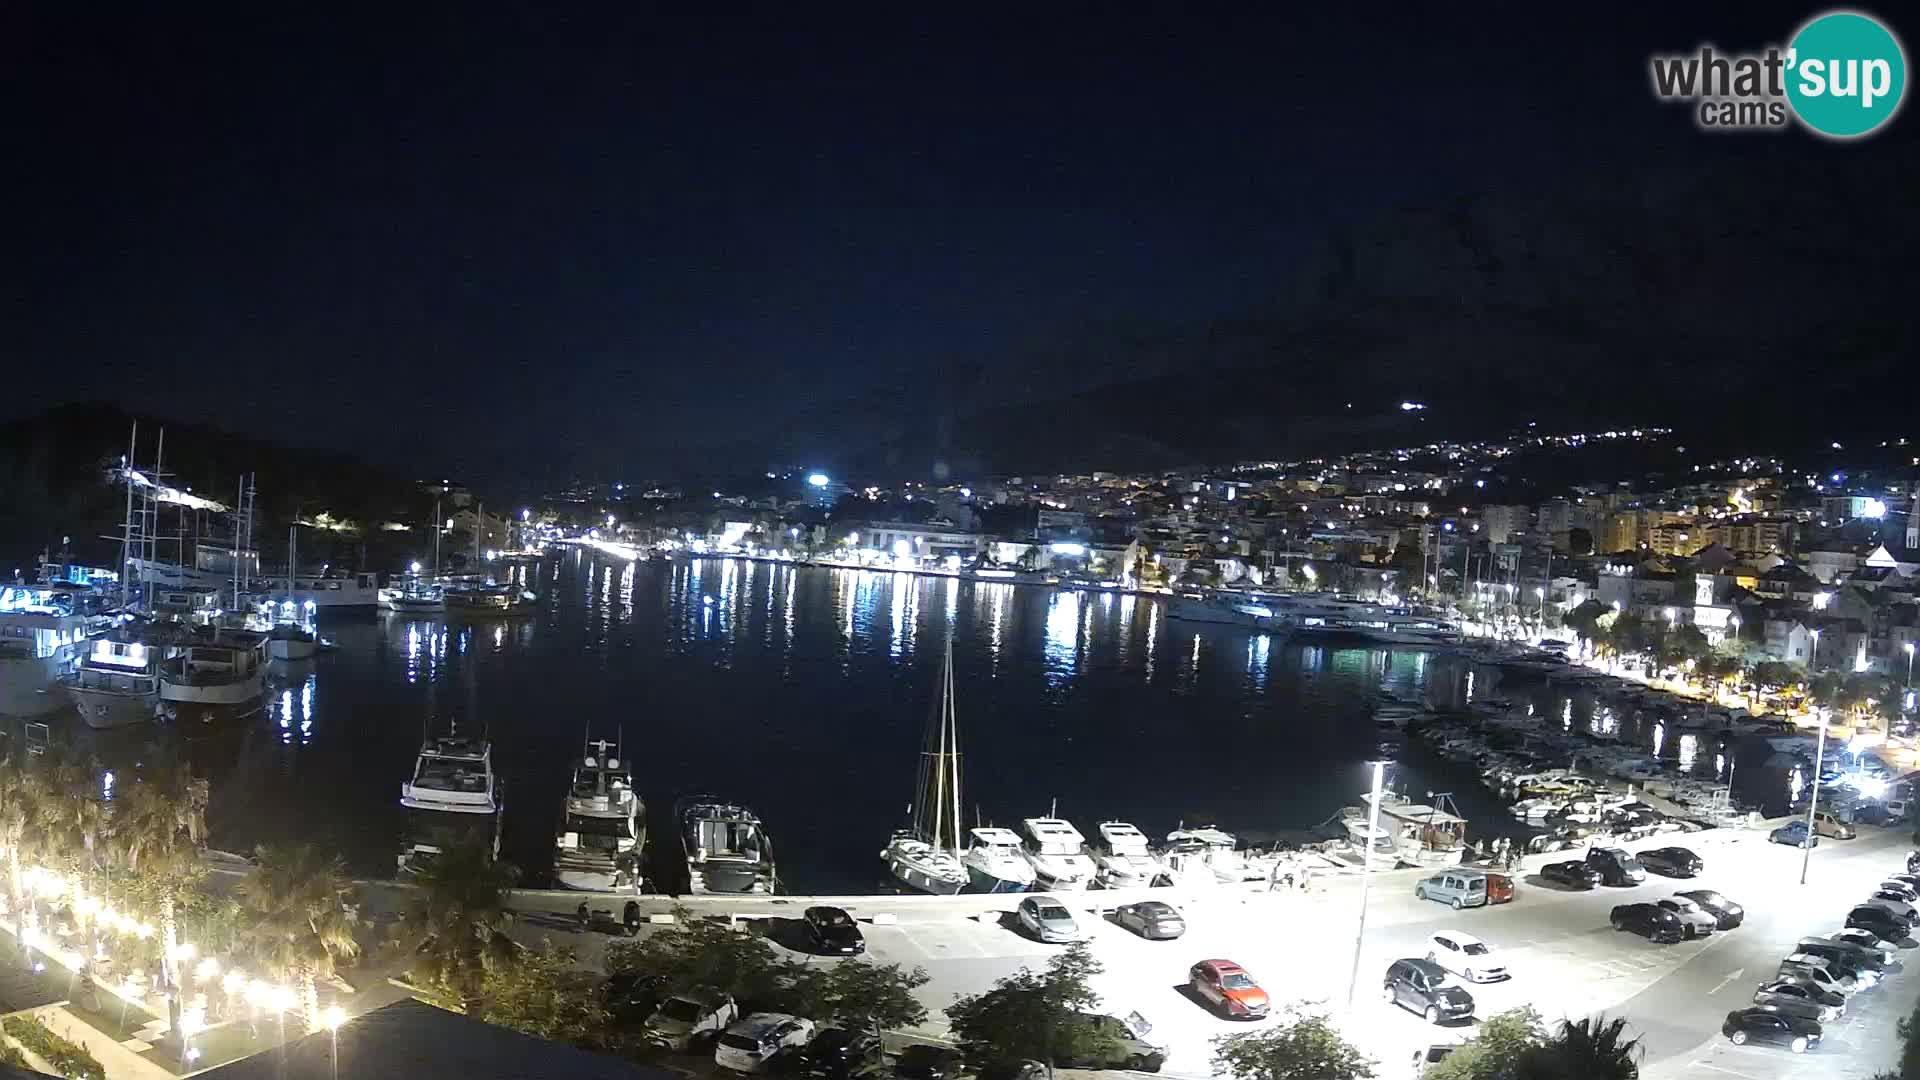 Webcam Makarska 's seaside promenade